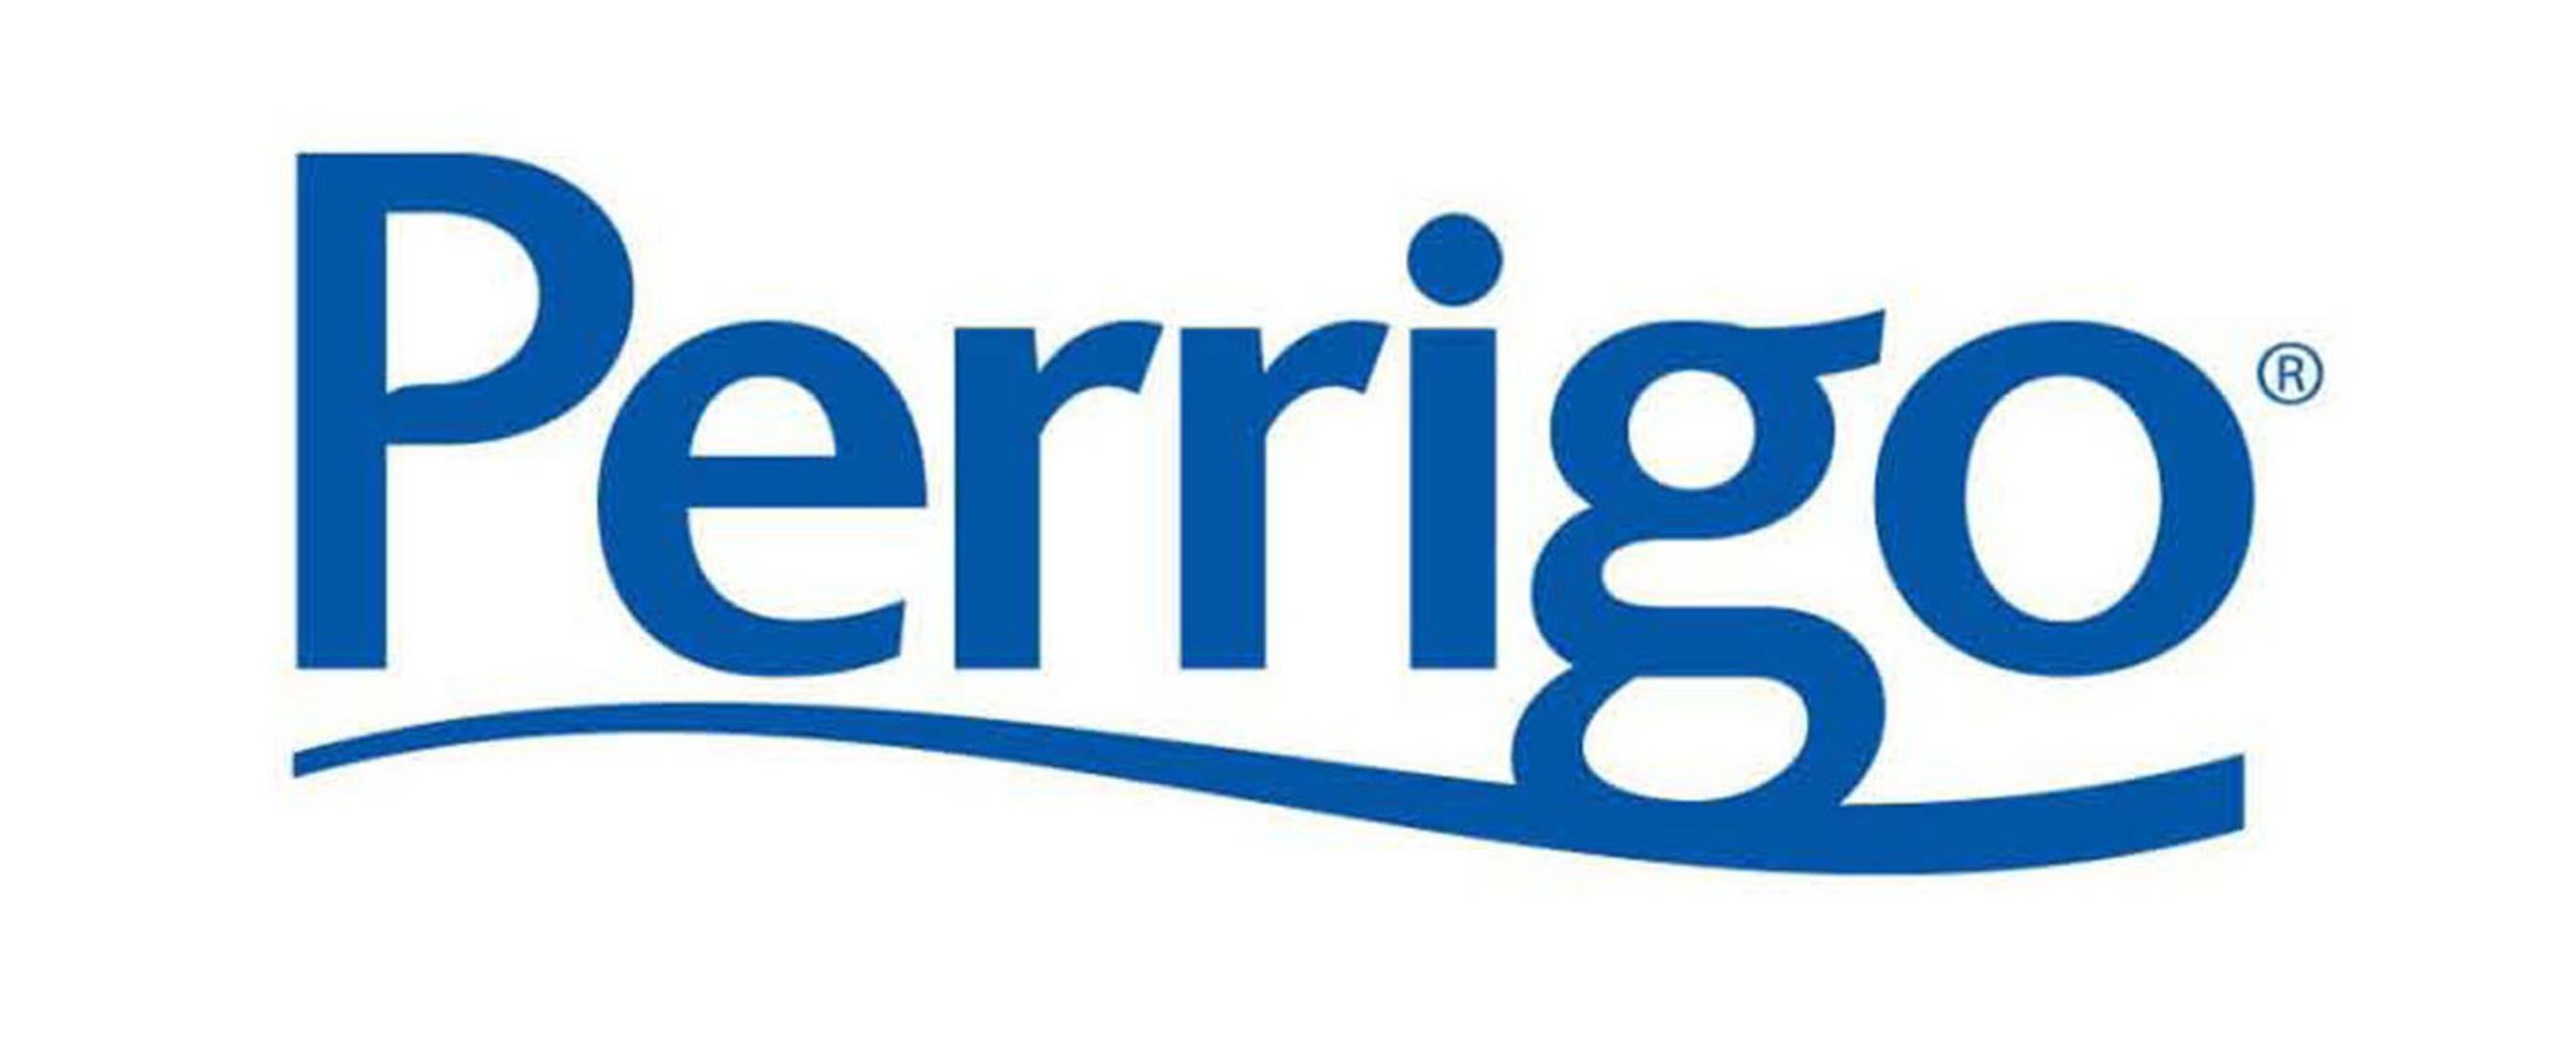 Perrigo Company.